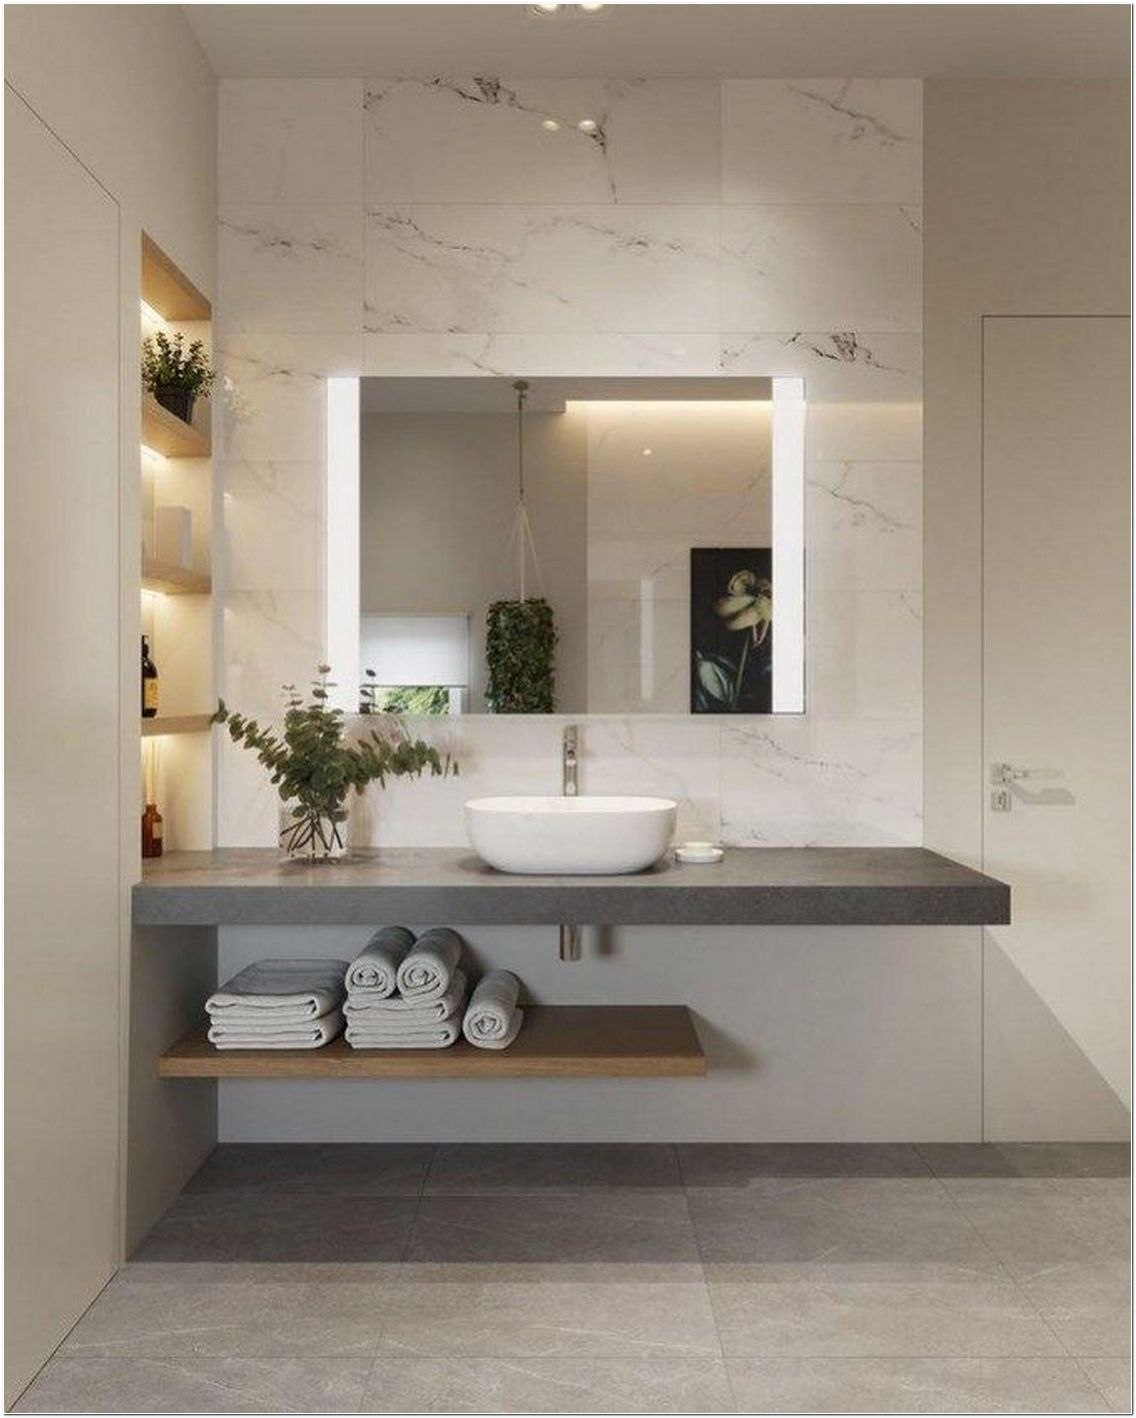 67 Ideas for a Modern Marble Bathroom Decor